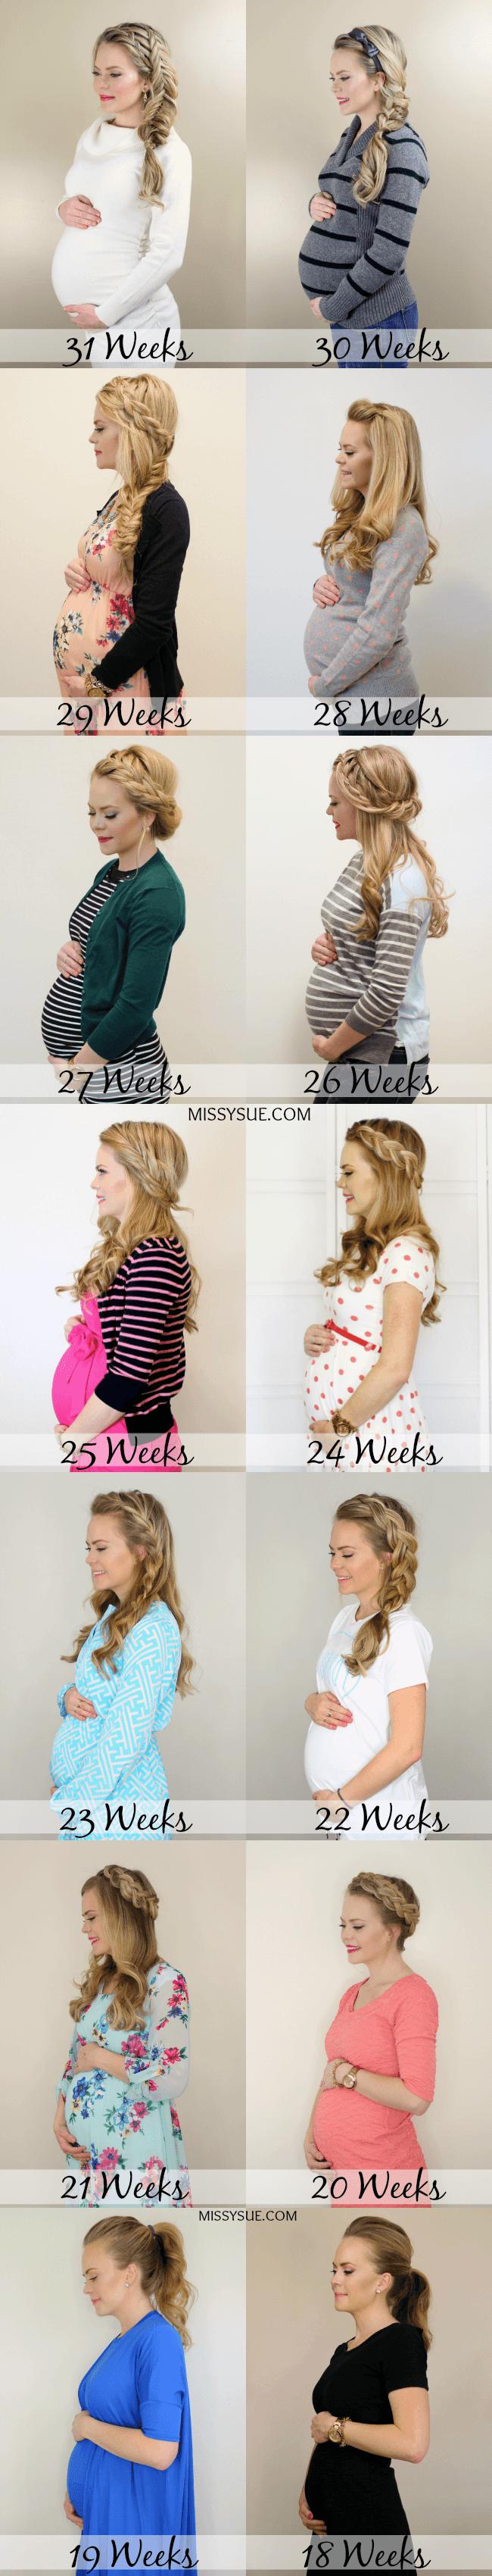 31 Weeks Pregnancy